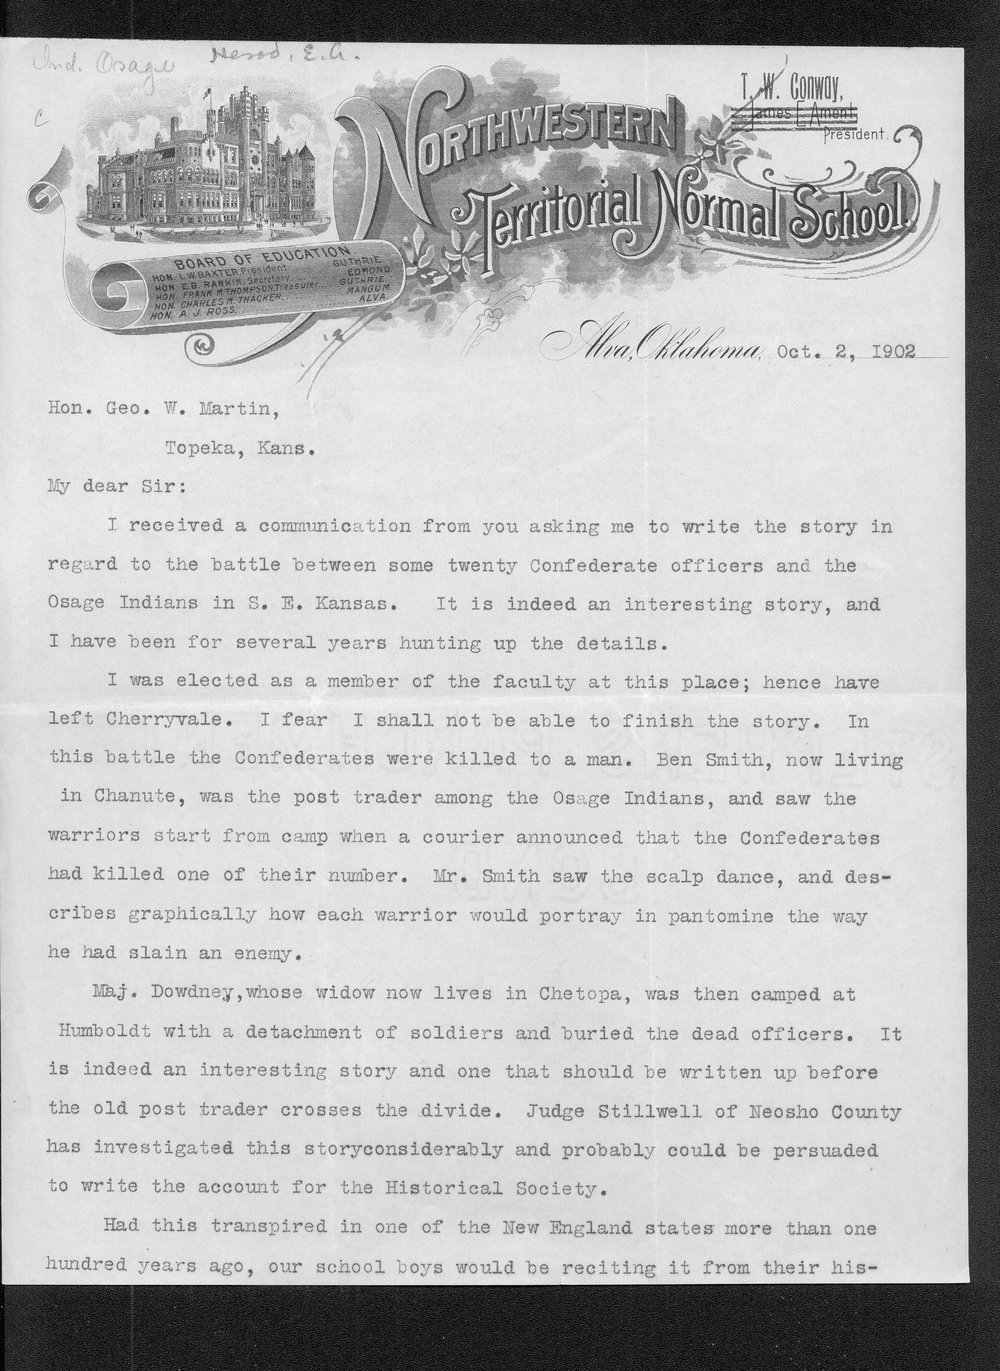 E.A. Herod to George W. Martin - 1